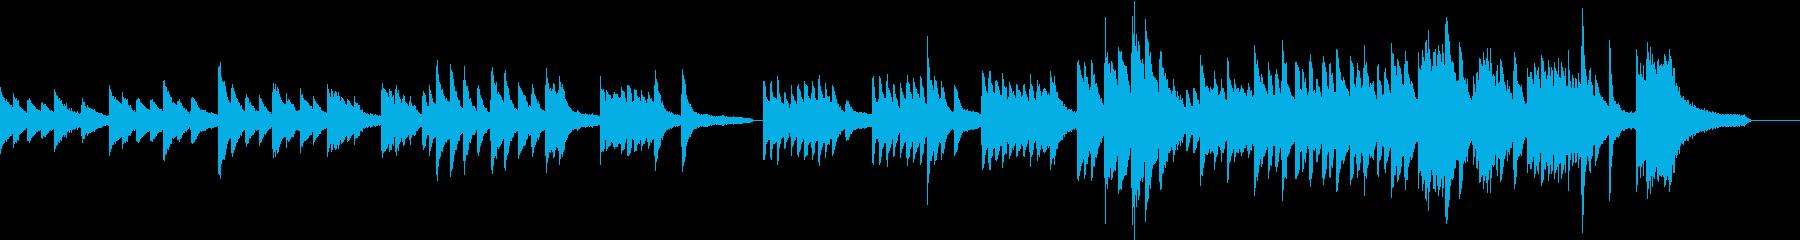 ピアノソロ。しっとりとした切ない曲の再生済みの波形